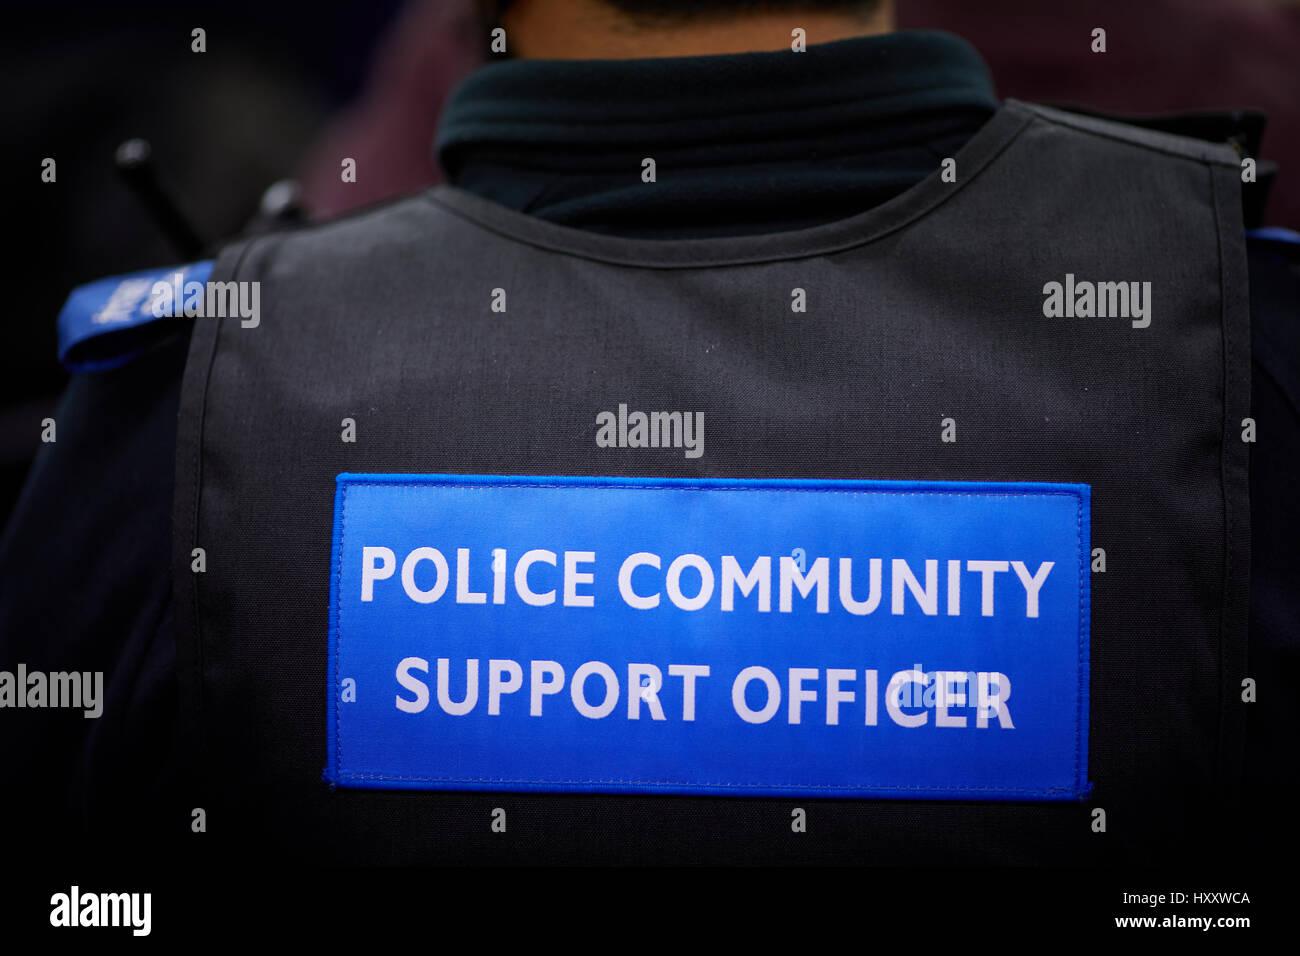 Soutien Communautaire Police Officer, PCSO logo sur le dos d'une veste. Photo Stock